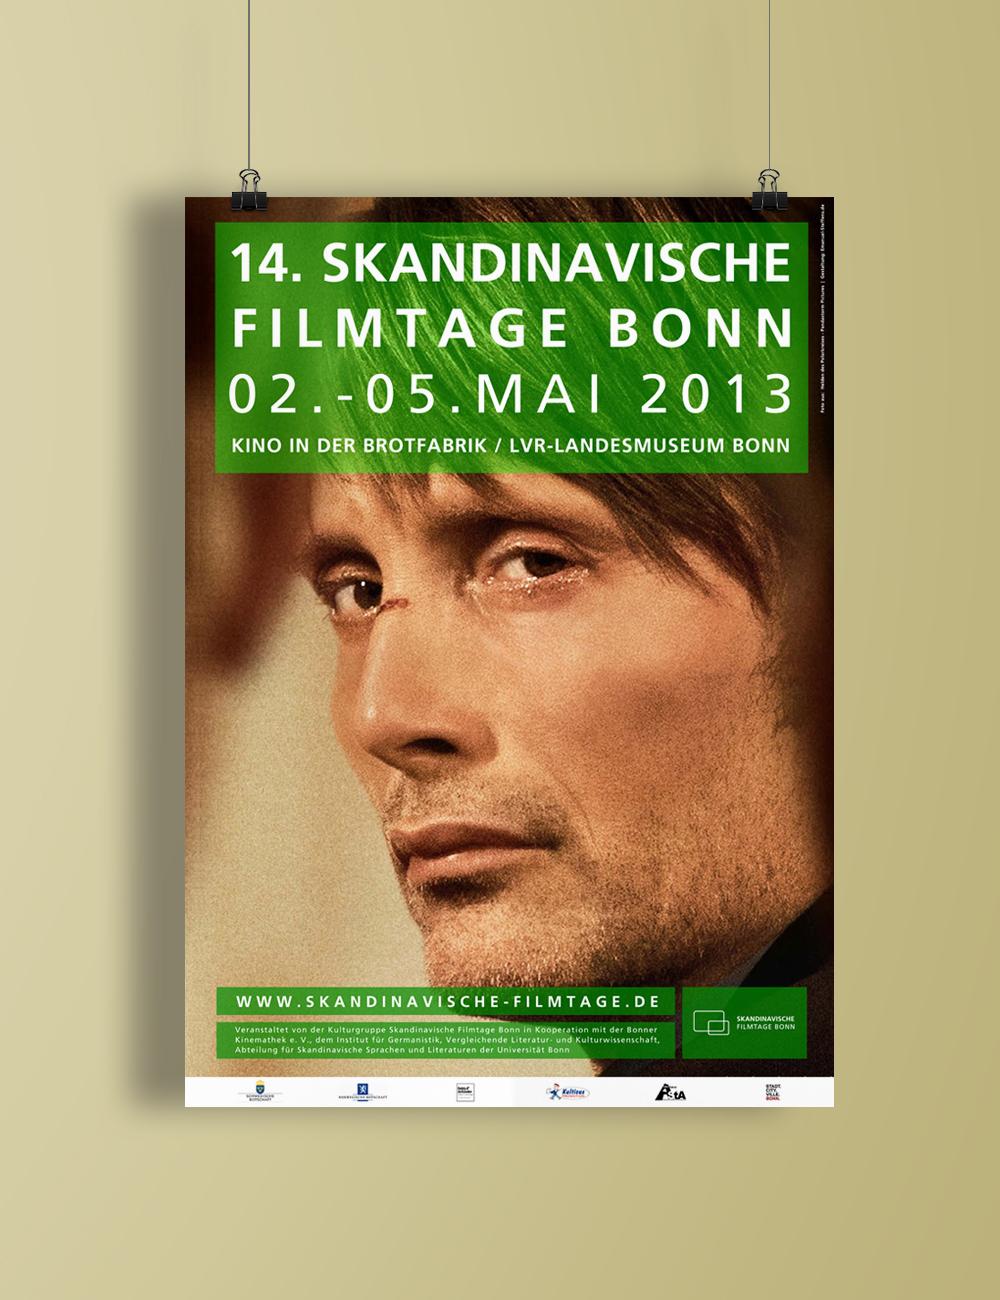 emanuel_steffens_skandinavische_filmtage_bonn_2013